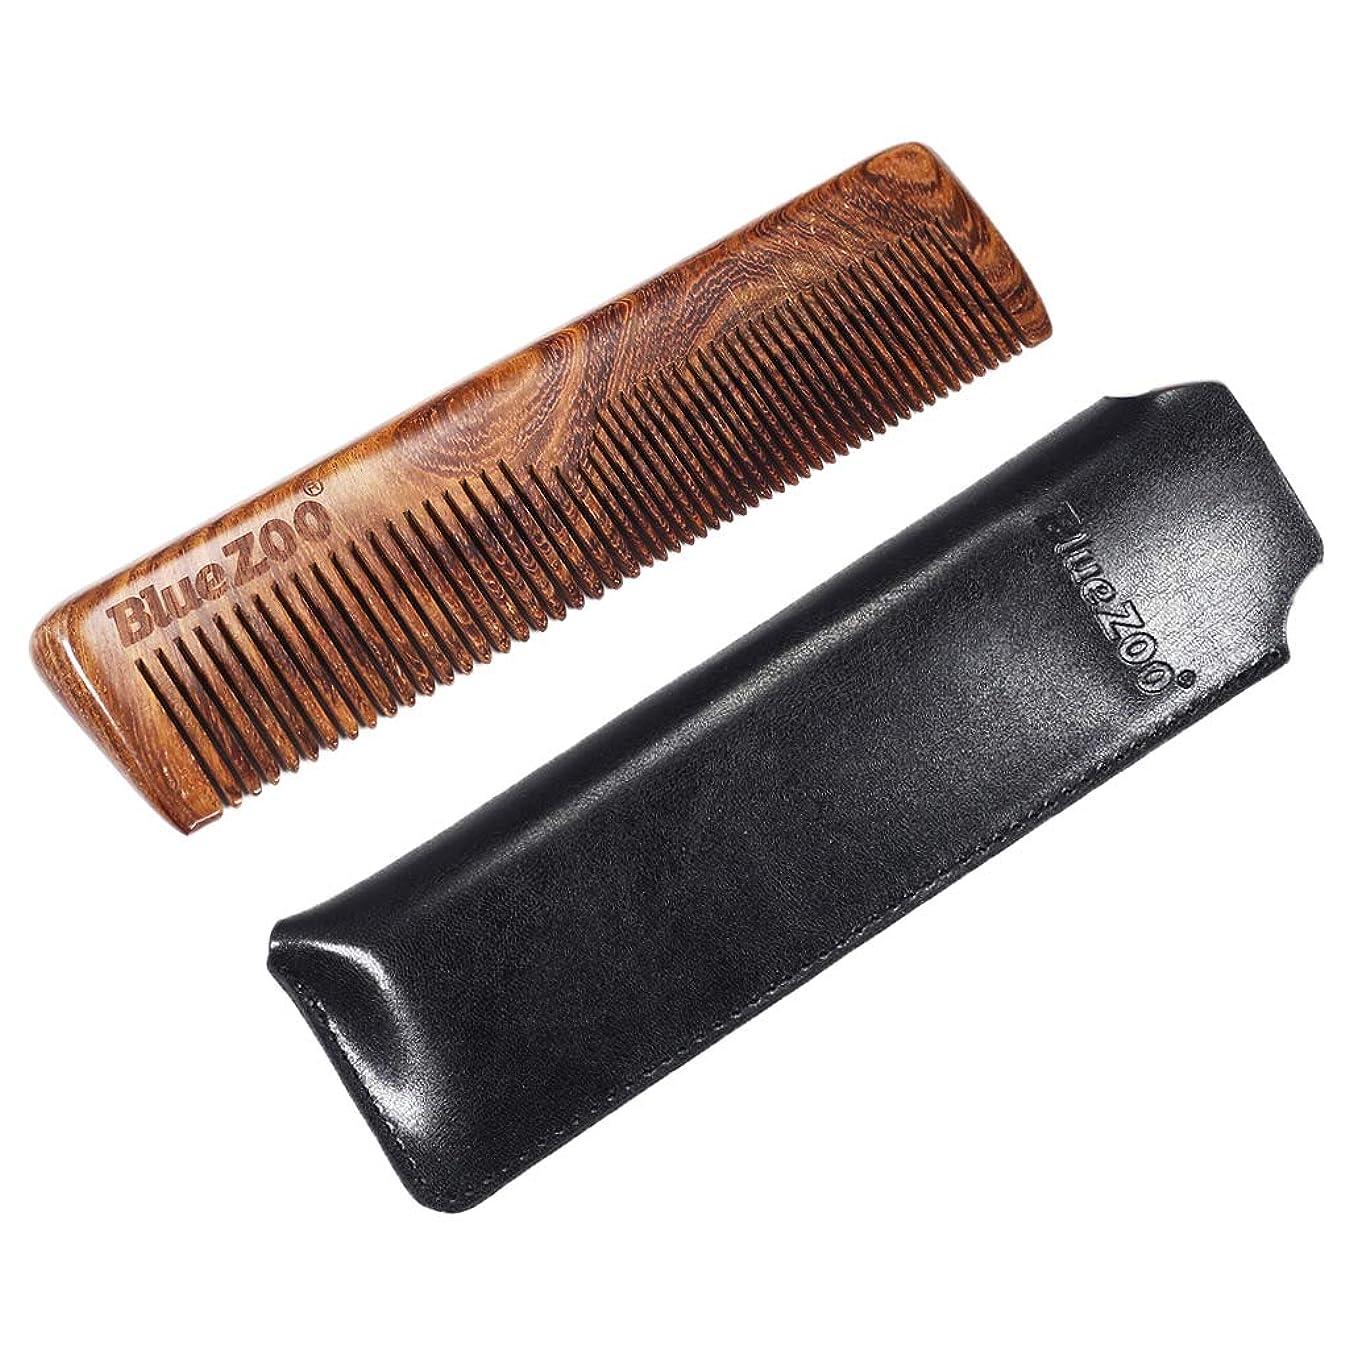 弾丸レンジ永遠のP Prettyia ウッドコーム 静電気防止櫛 ひげ櫛 ヘアブラシ 収納バッグ 2色選べ - ブラック